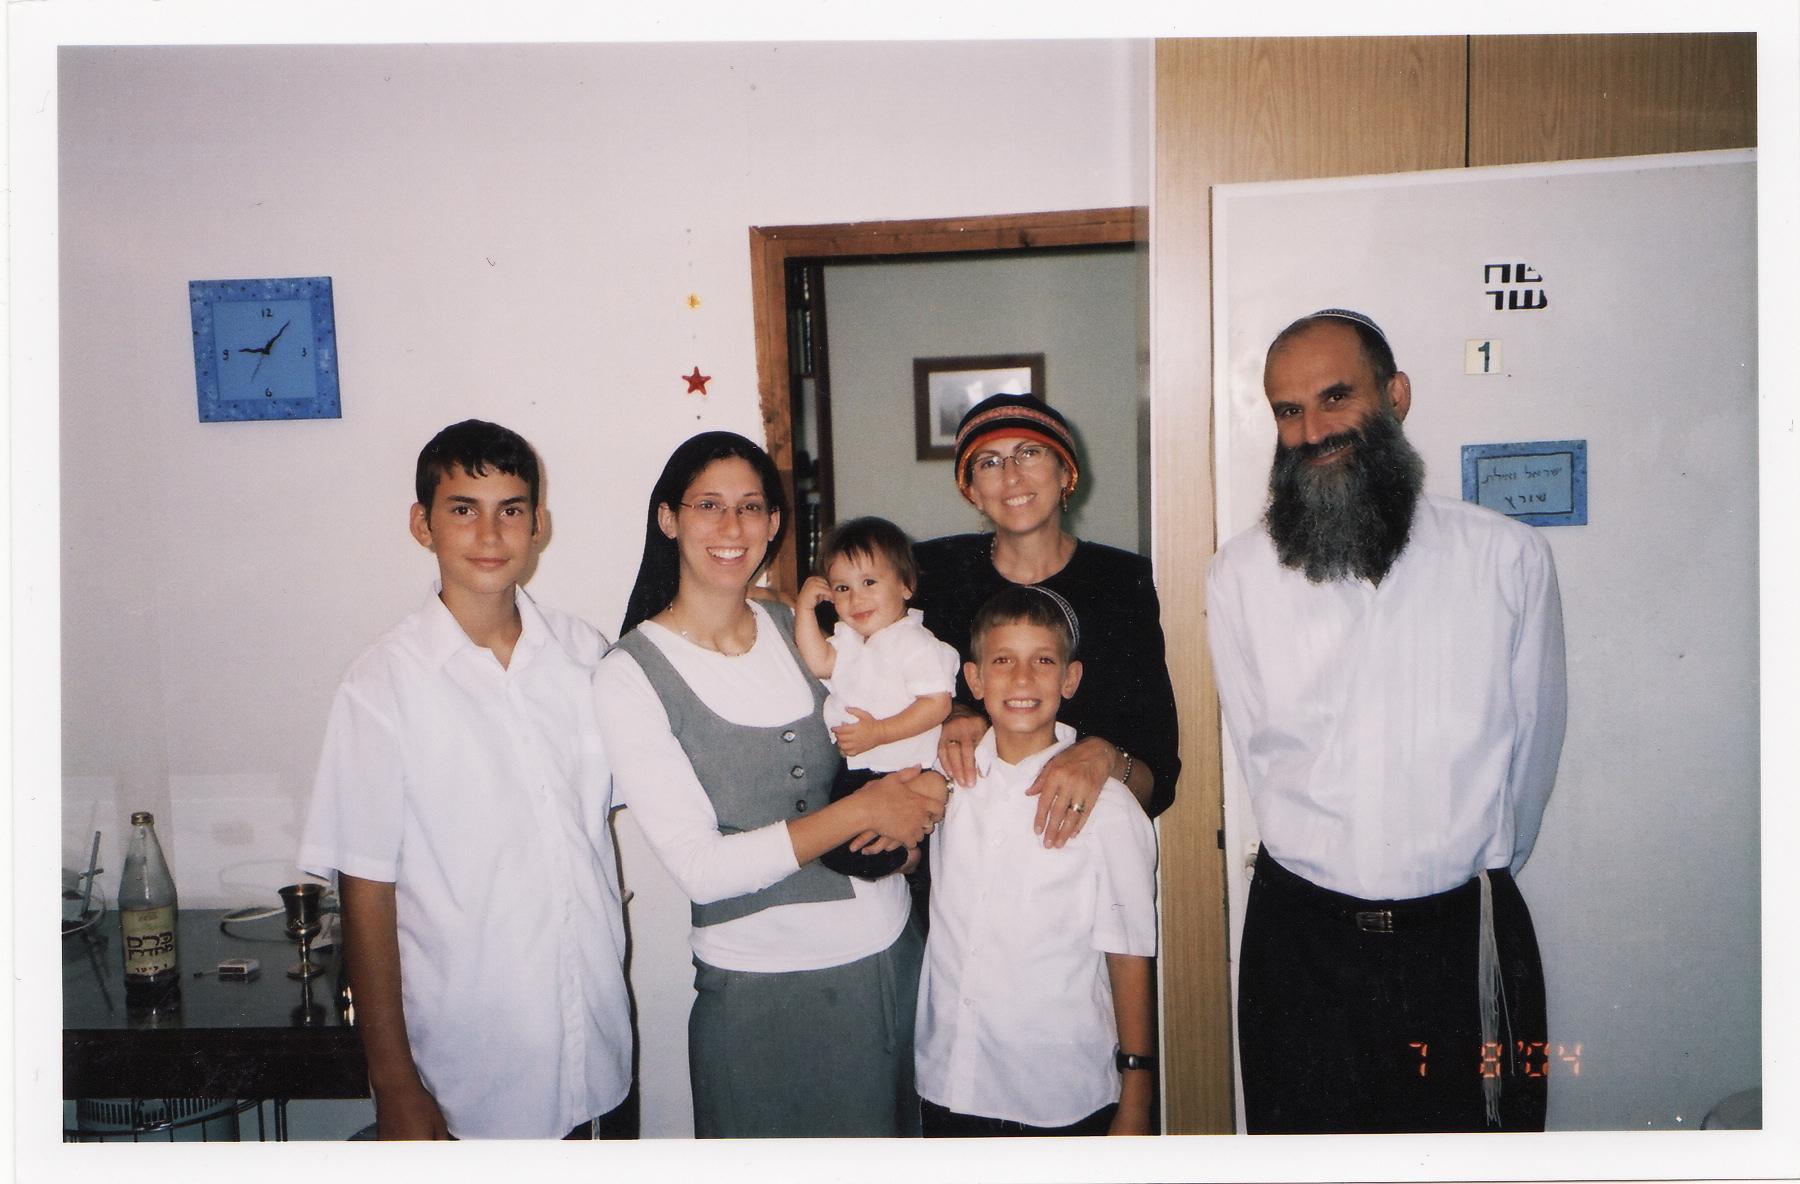 ישי עם ההורים ואריאל אילת ואליה